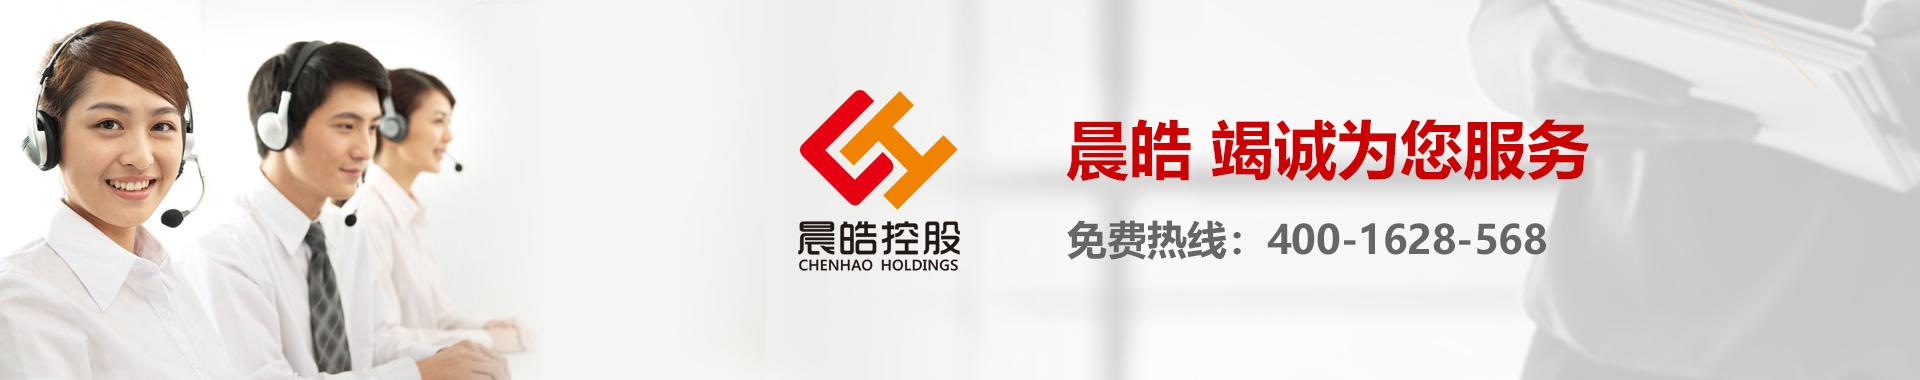 晨皓控股 联系晨皓